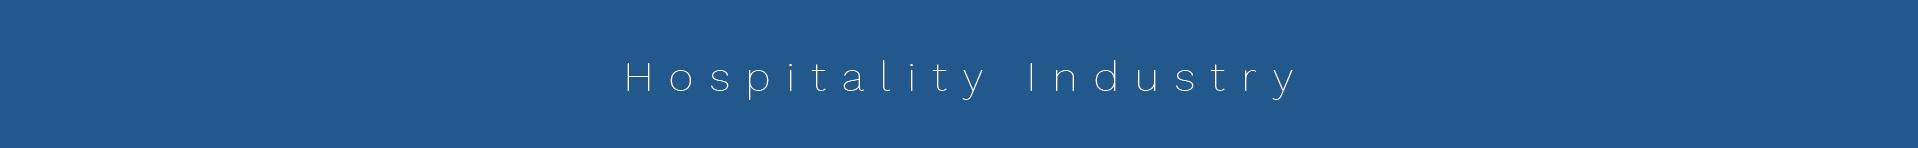 Hospitality Thin